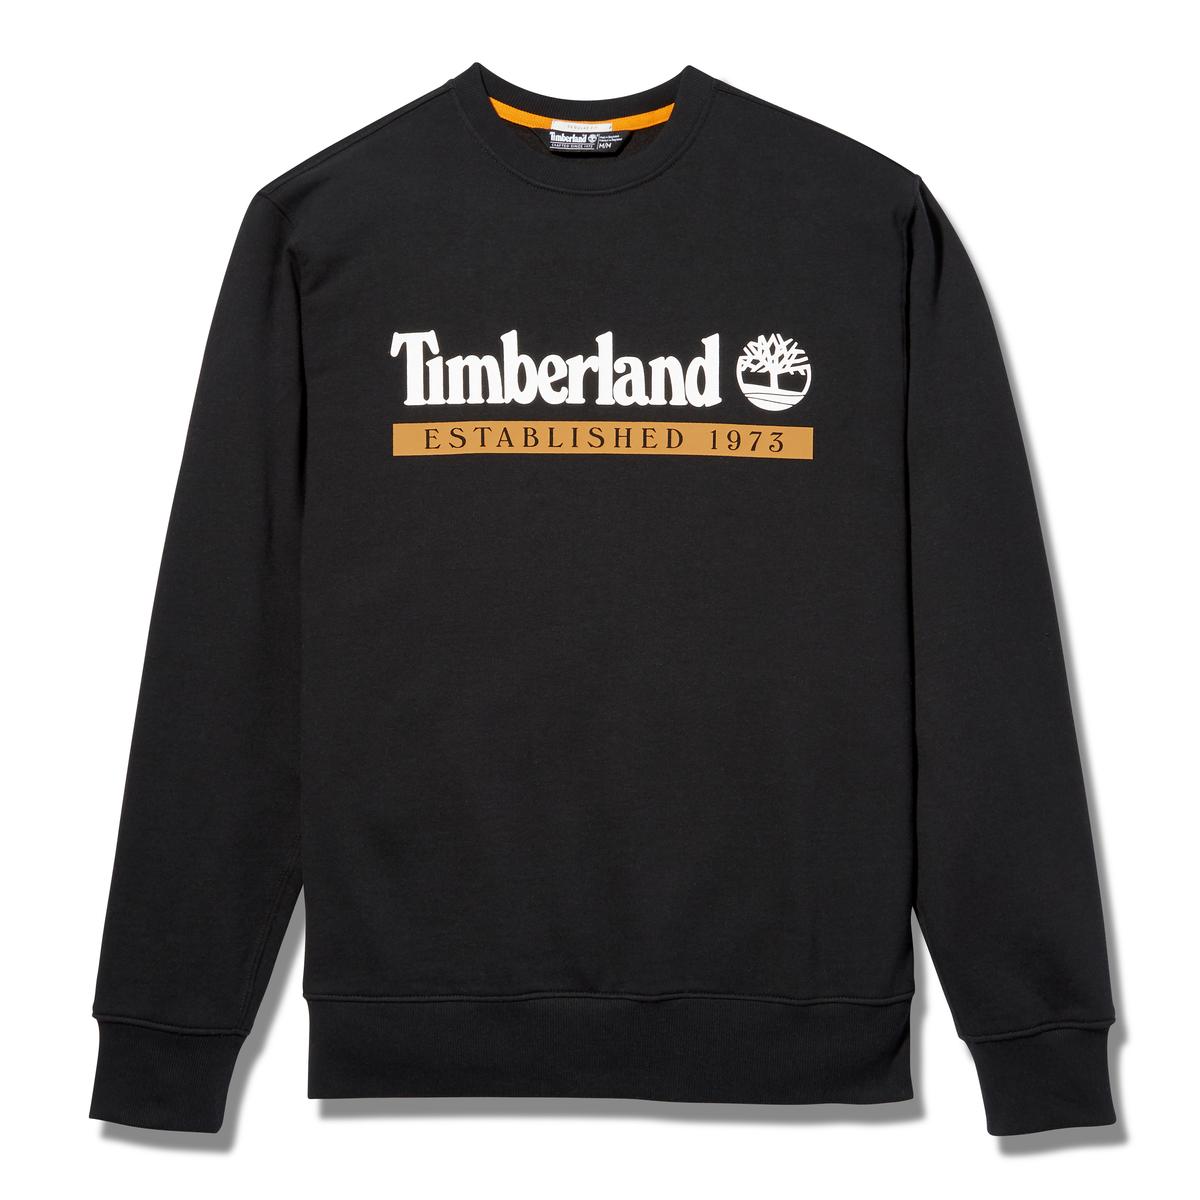 Timberland Established 1973 Crewneck